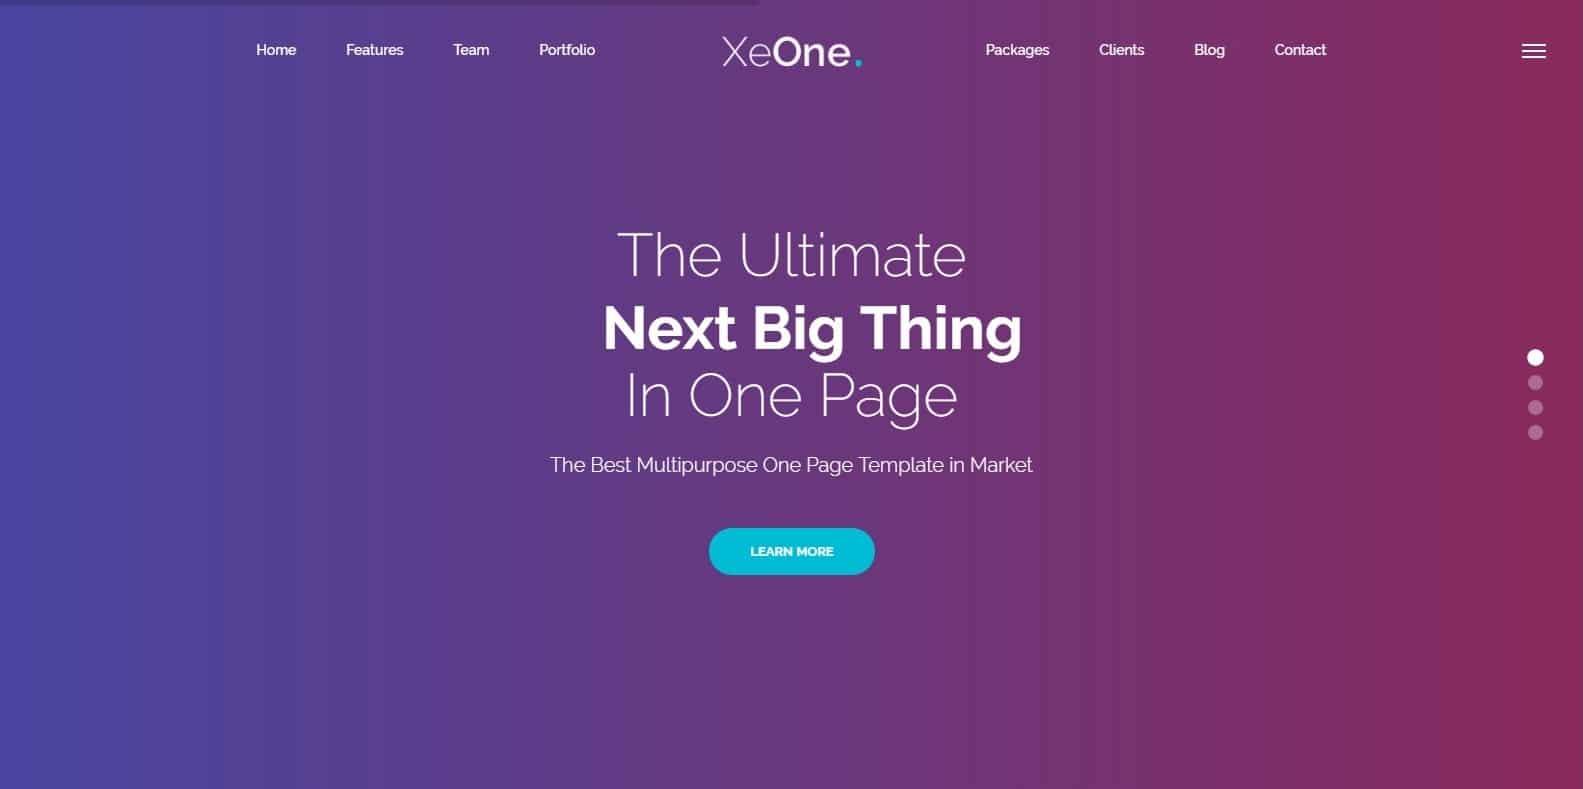 exone-parallax-website-template